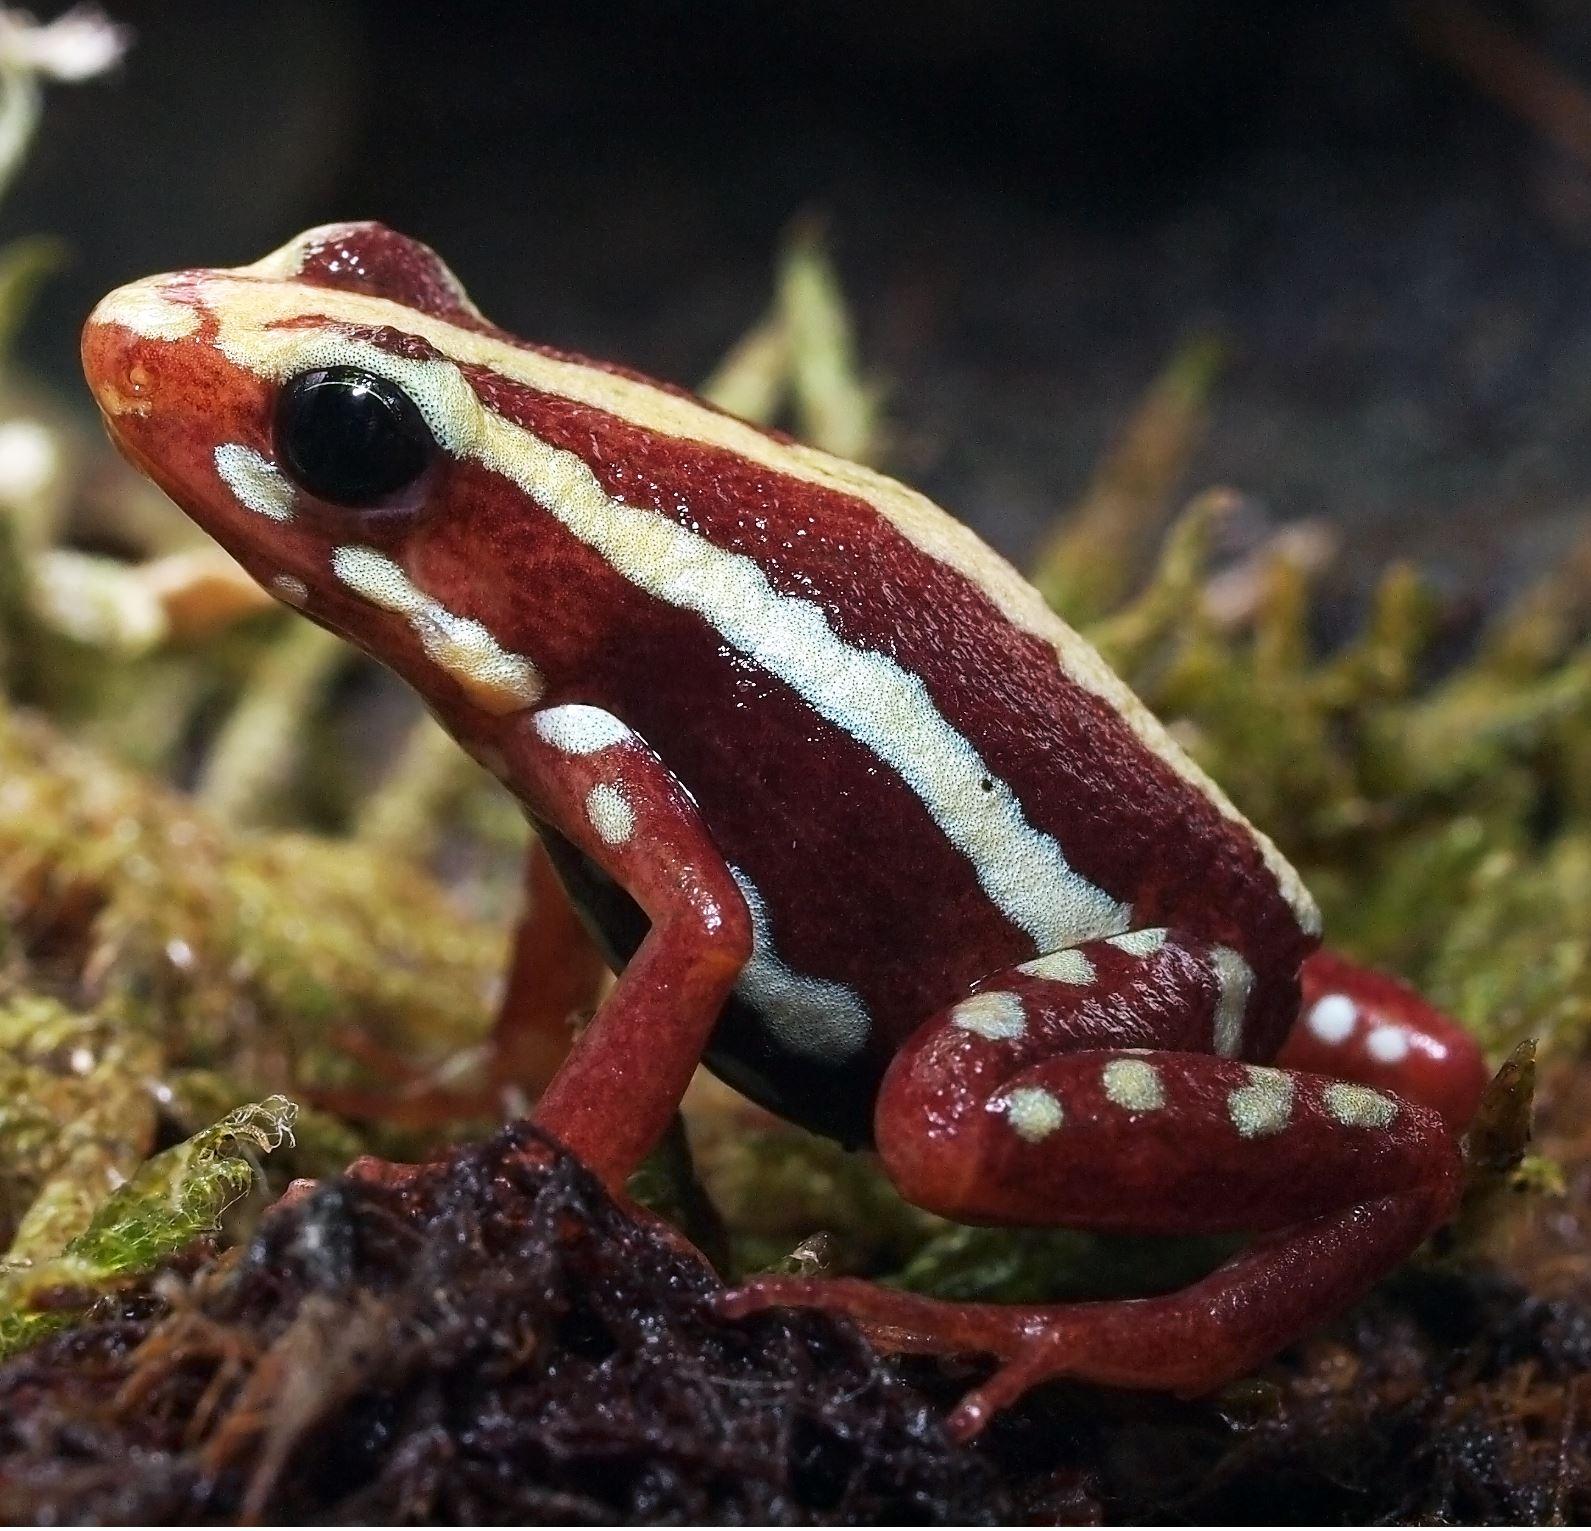 Epipedobates anthonyi 'Santa Isabel' - froglet